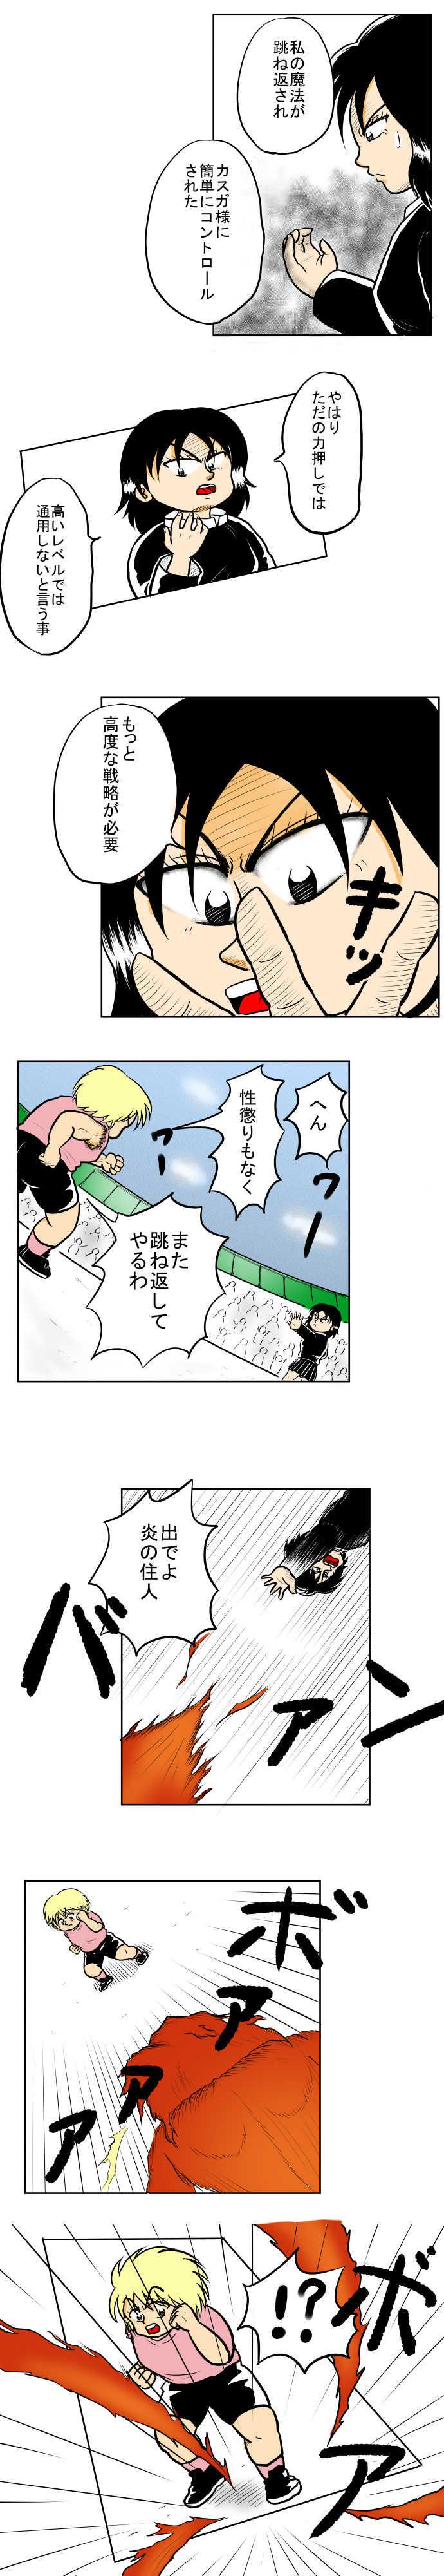 熱き攻防!!?